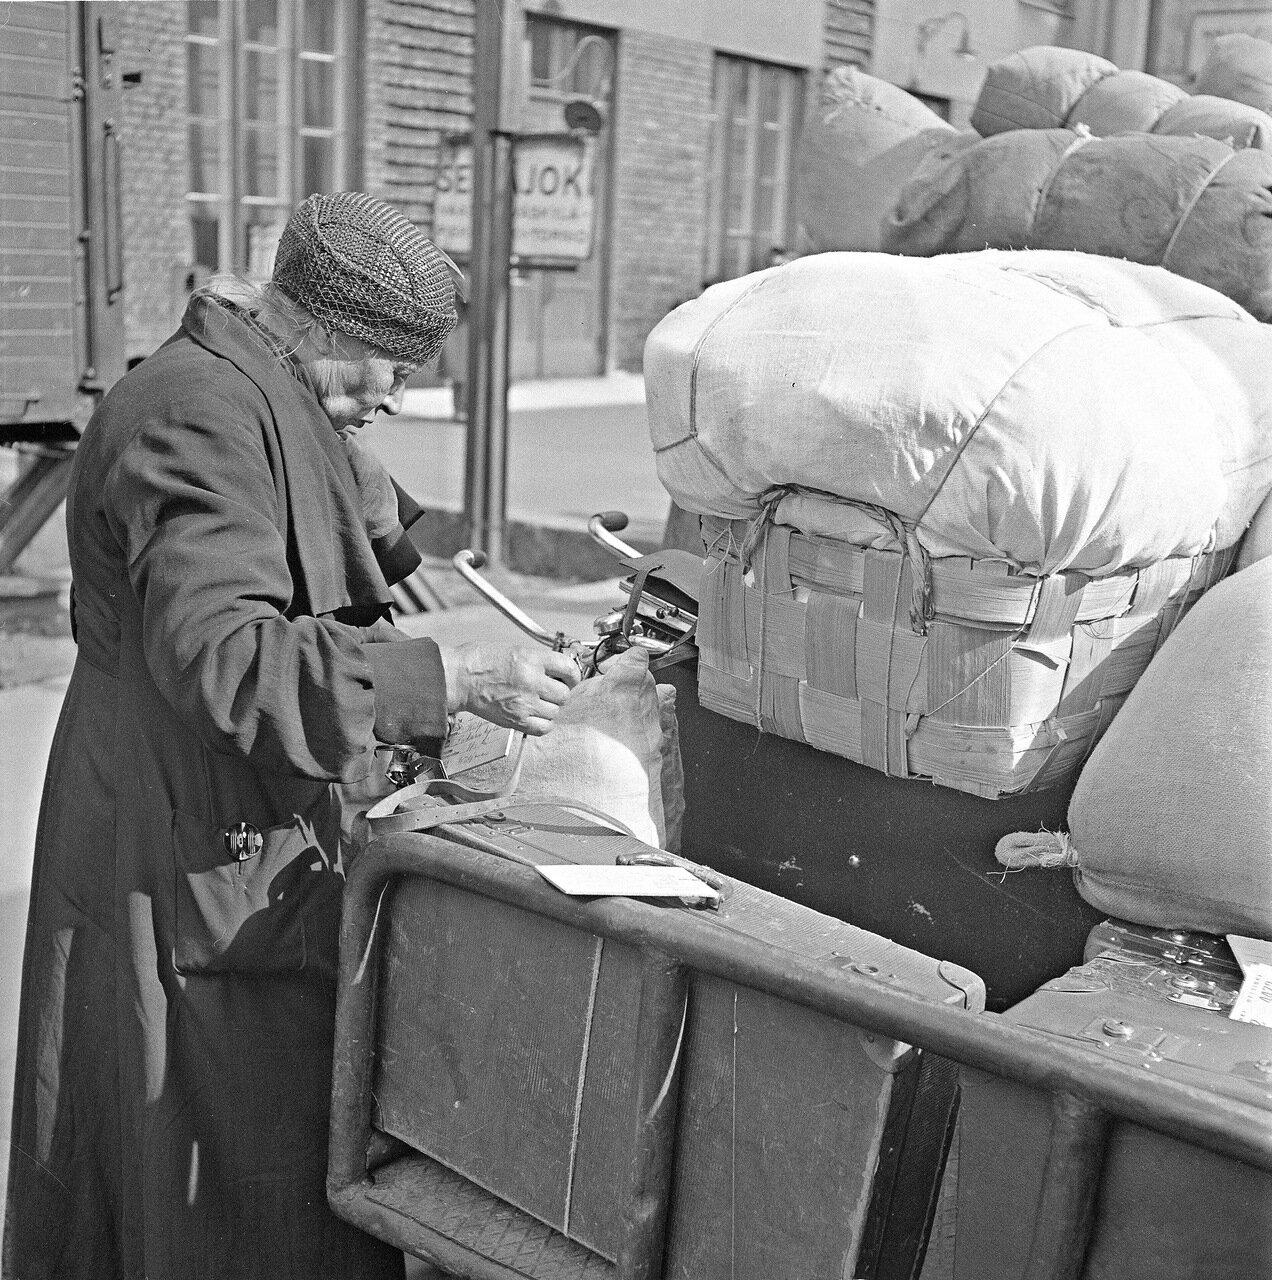 1941. 20 июня. Центральный вокзал. Осмотр багажа